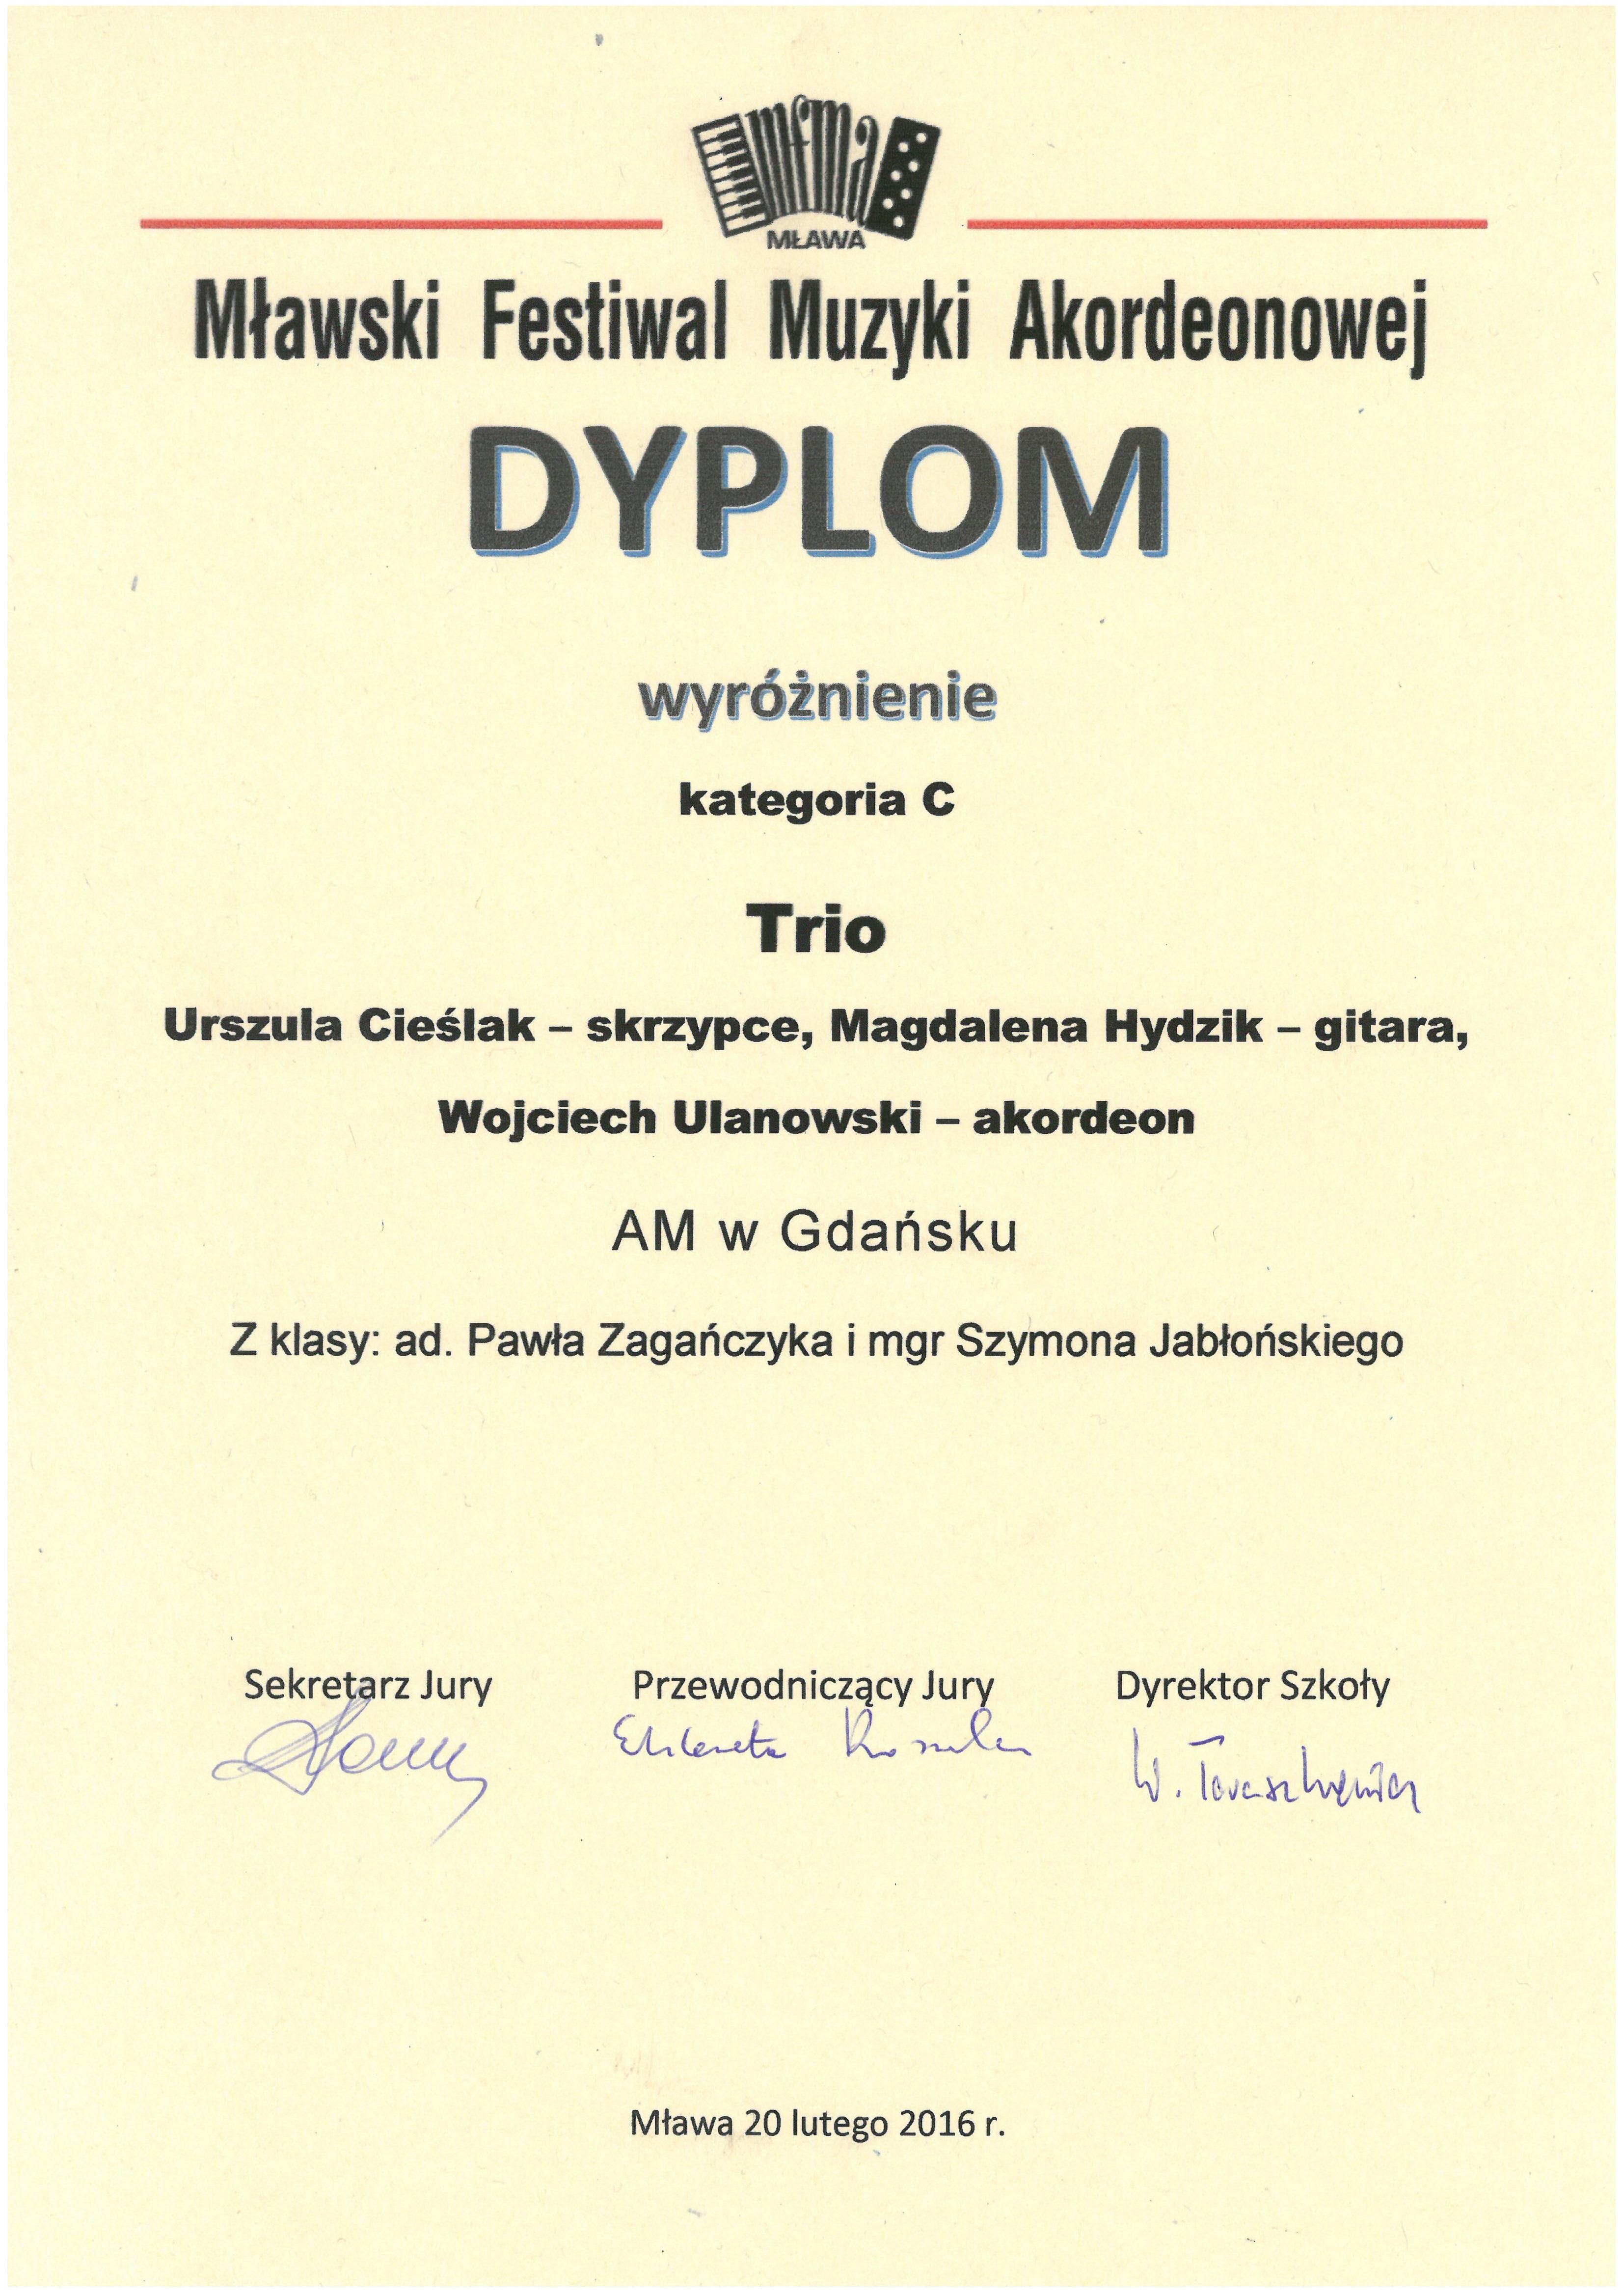 Trio_Cieslak-Hydzik-Ulanowski_wyroznienie_MFMA_2016